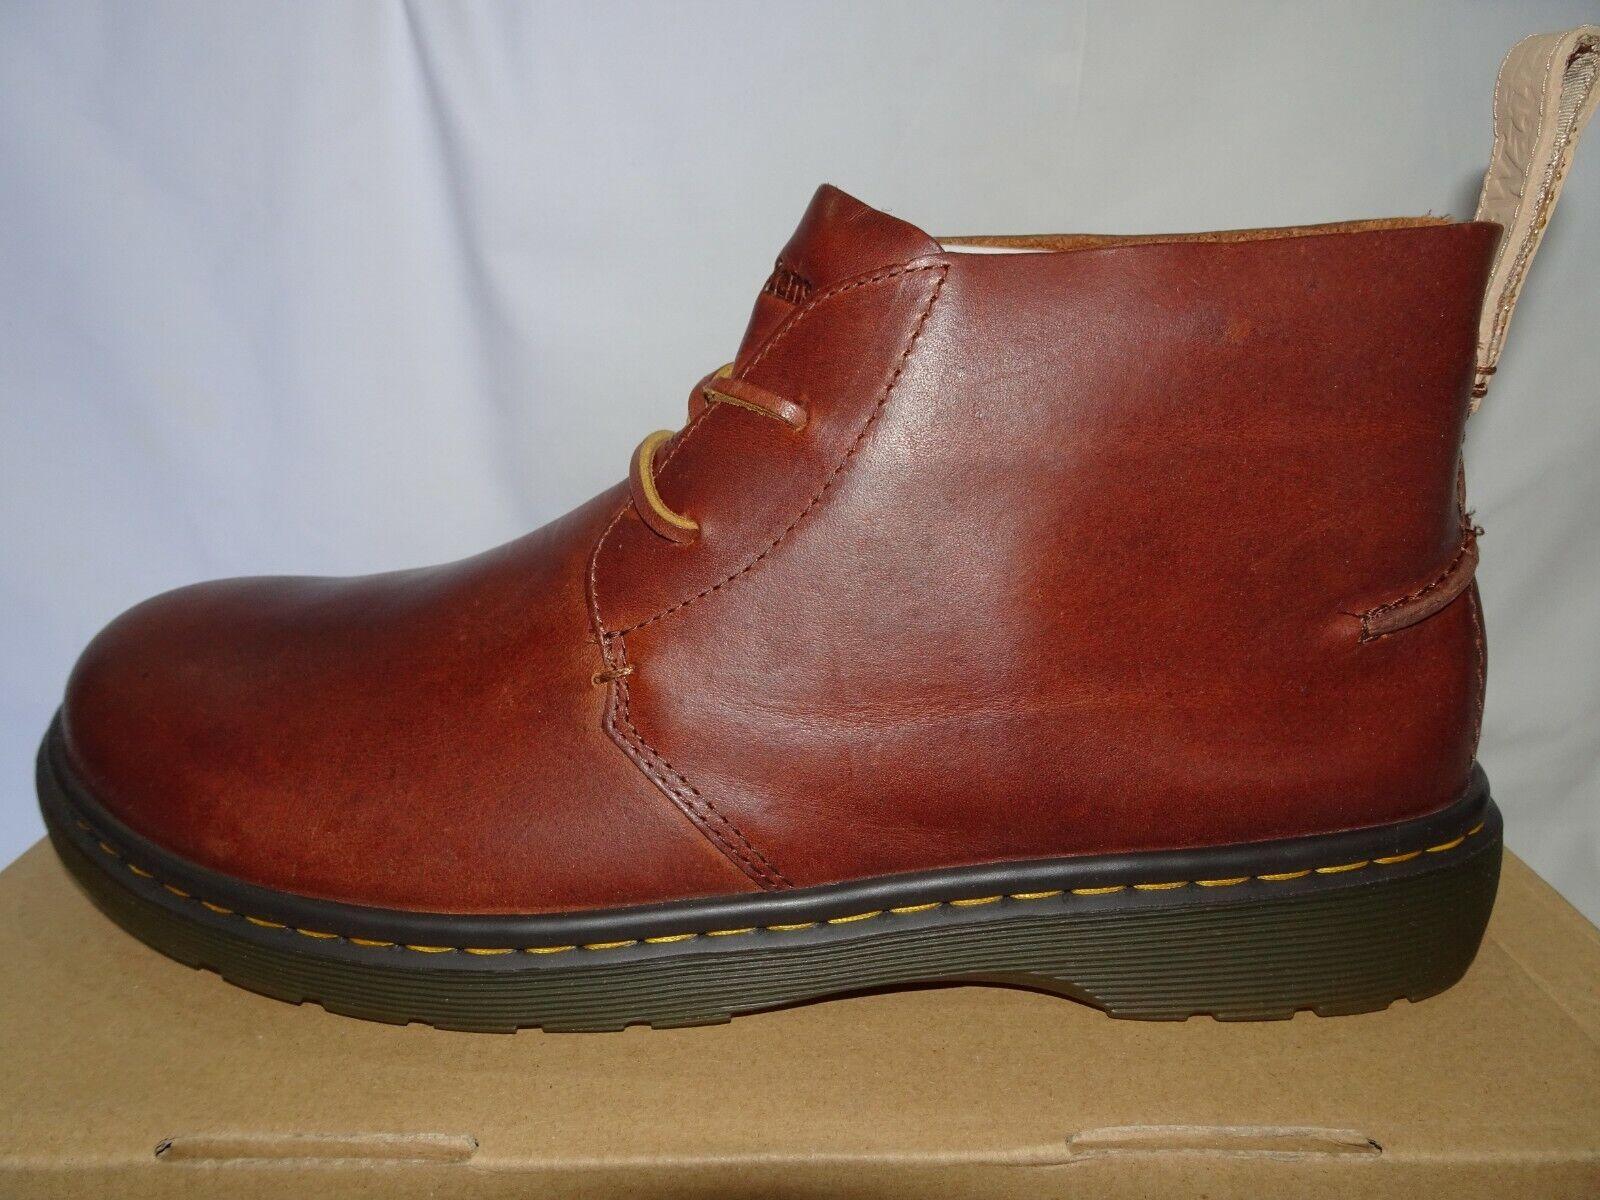 Dr Martens Brown EMBER Chukka Boots *Size 9.5 UK/44 EU* BNIB *